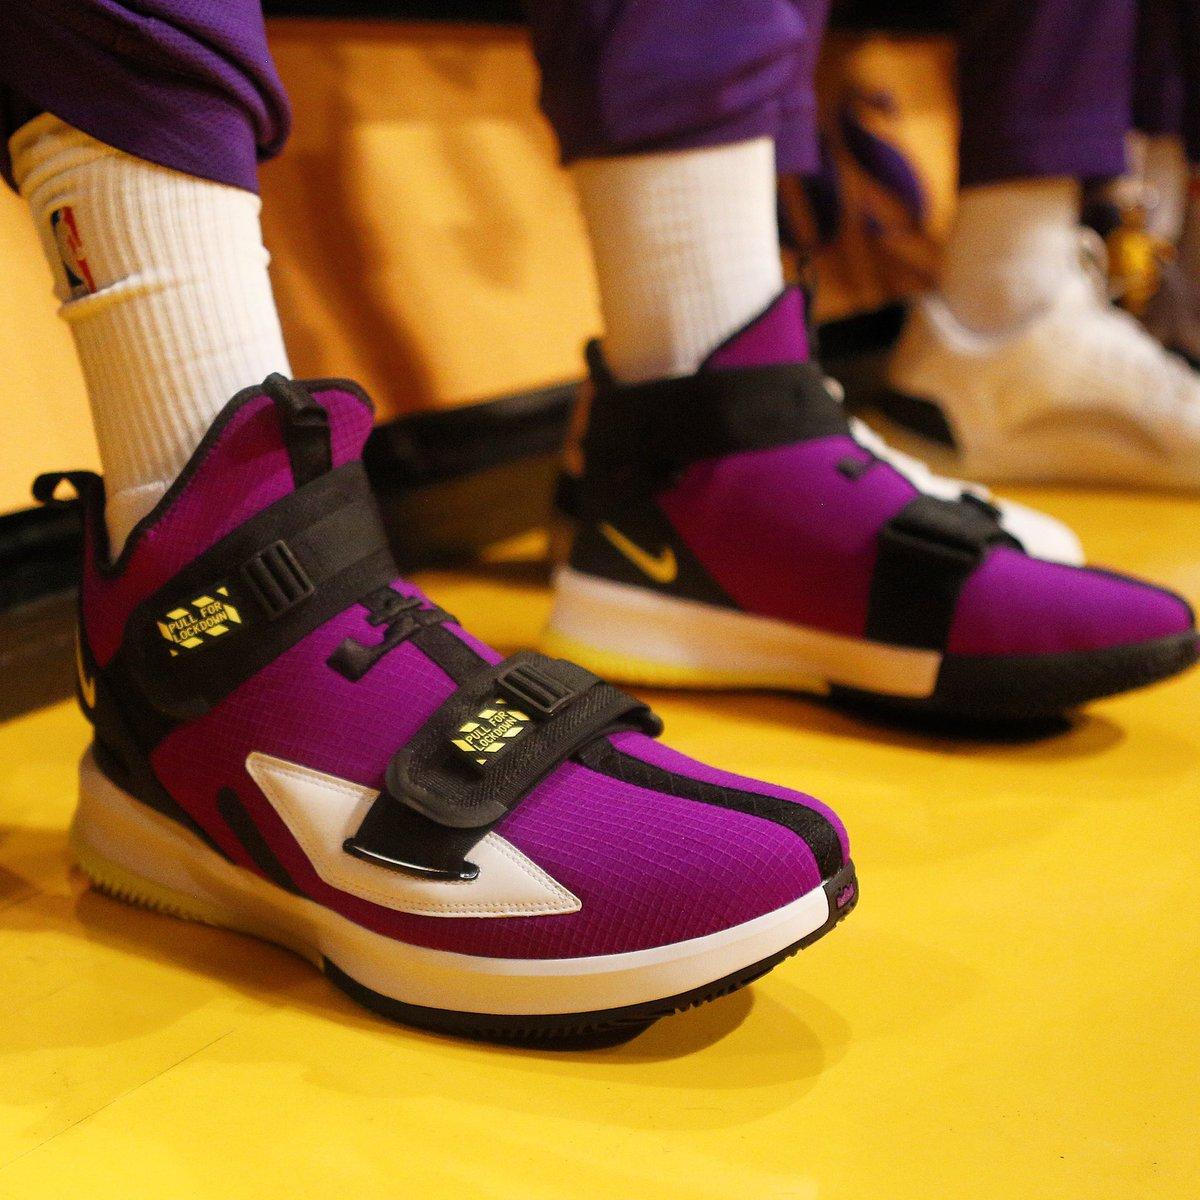 #RT @NBA: RT @NBAKicks: LeBron's Nike LeBron Soldier XIII tonight! #NBAKicks